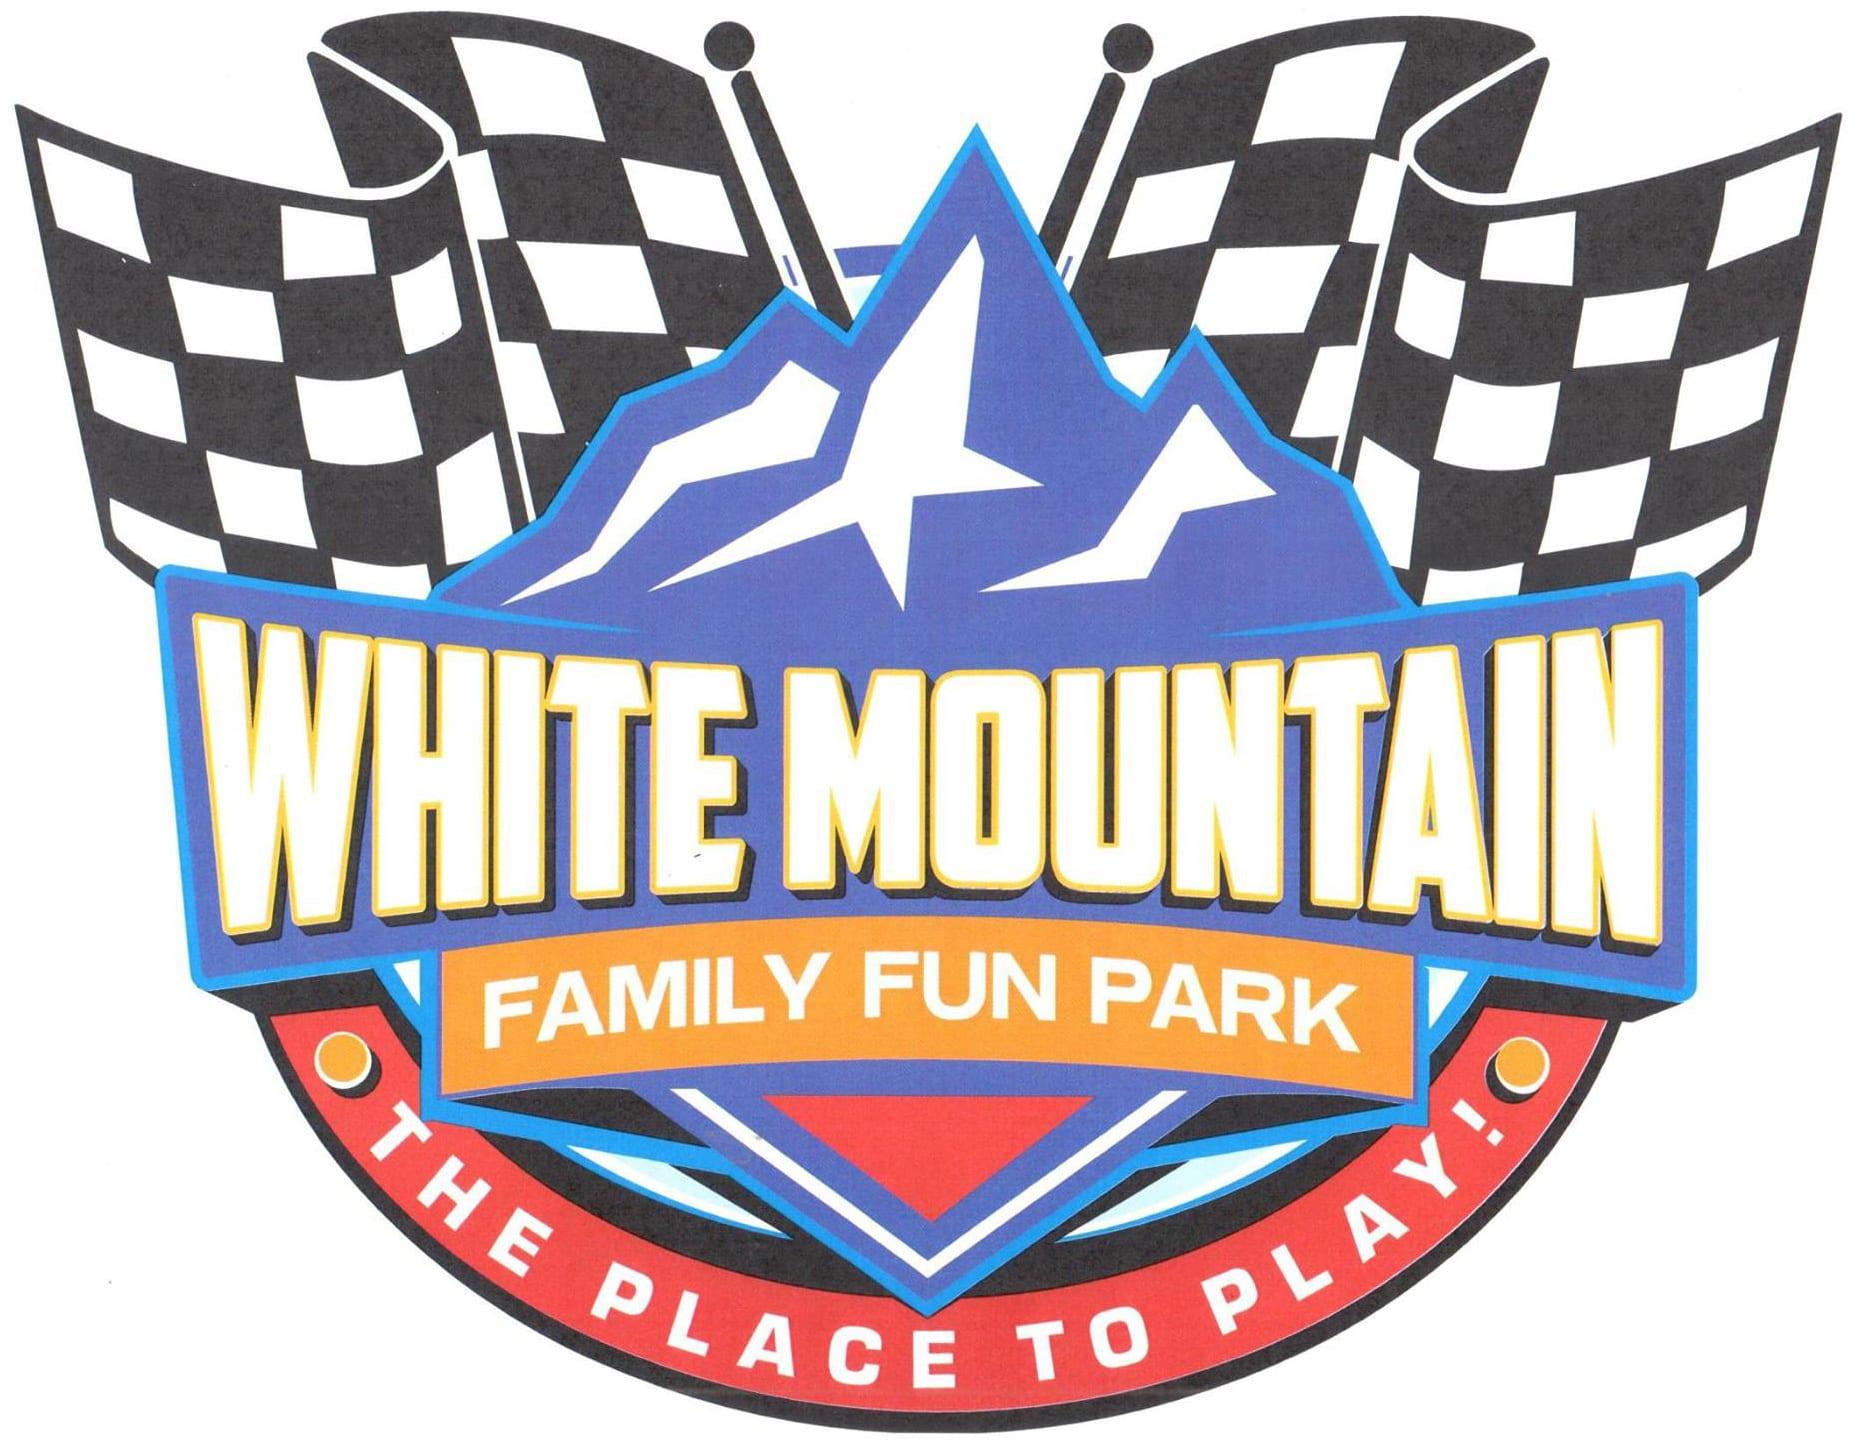 White Mountain Family Fun Park logo (image)